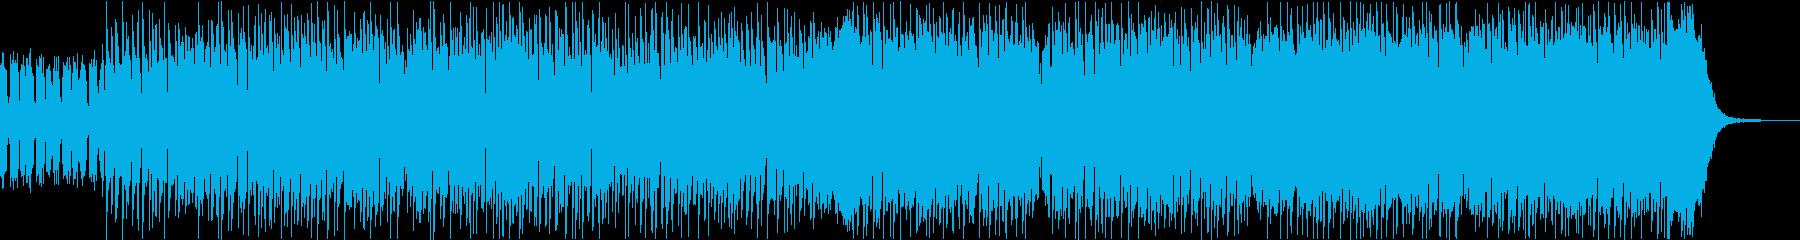 テンションの上がる疾走感あるEDMビートの再生済みの波形